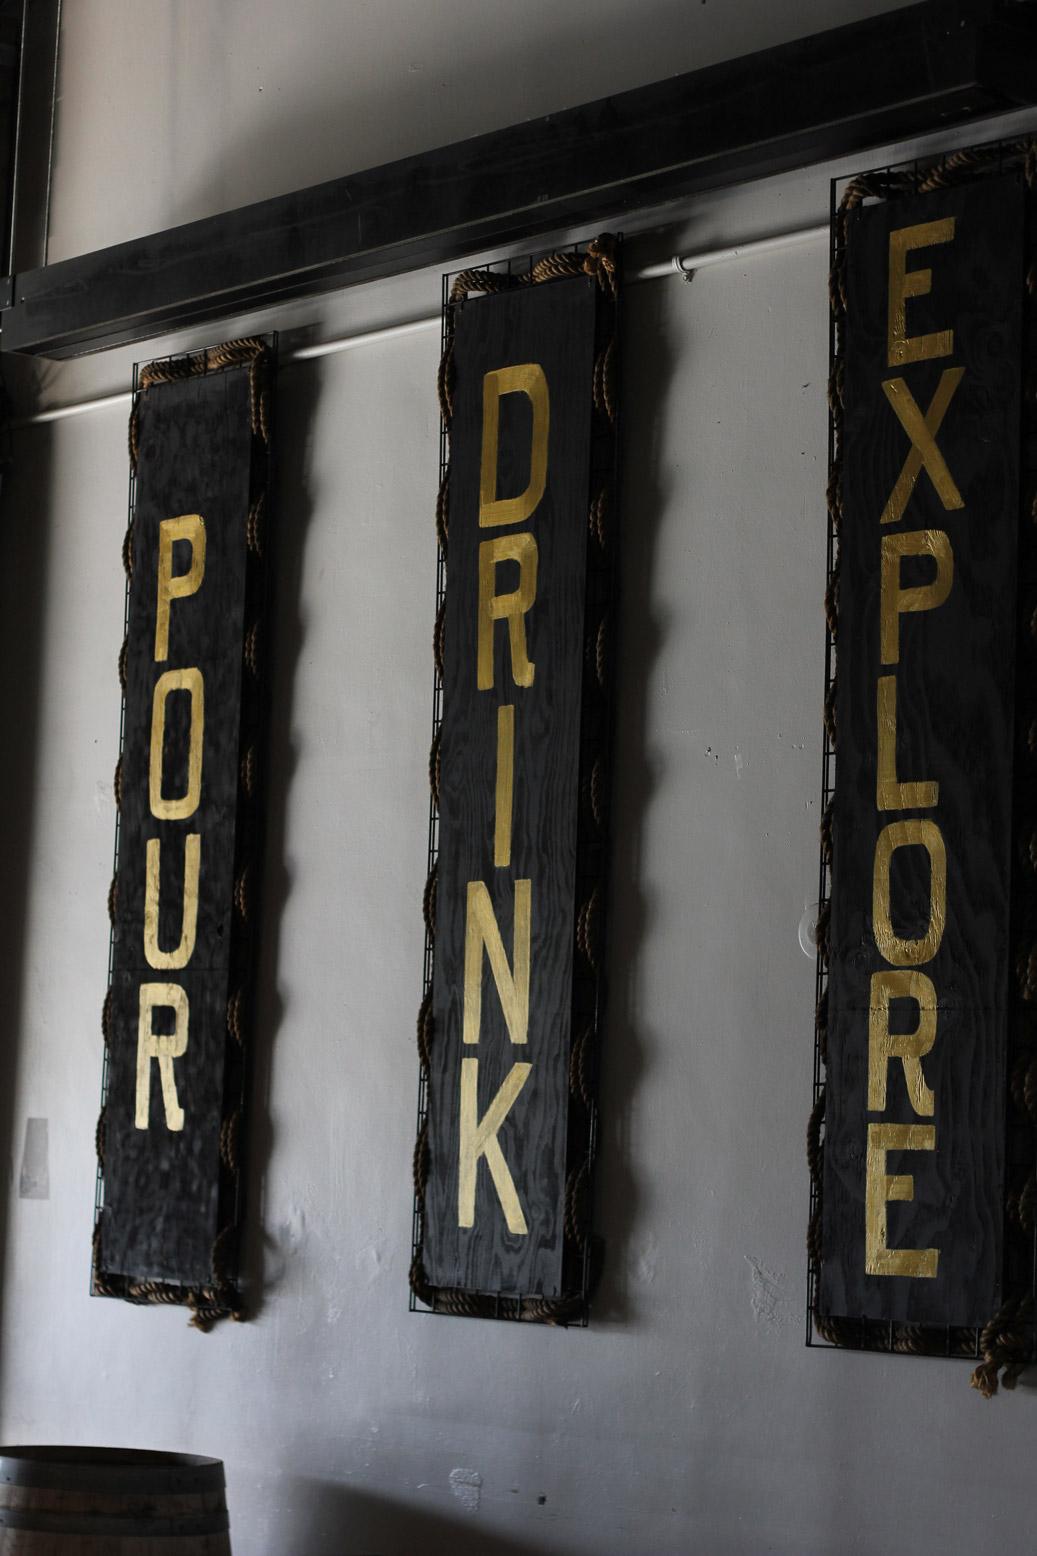 32 North San Diego CA Brewery Signage